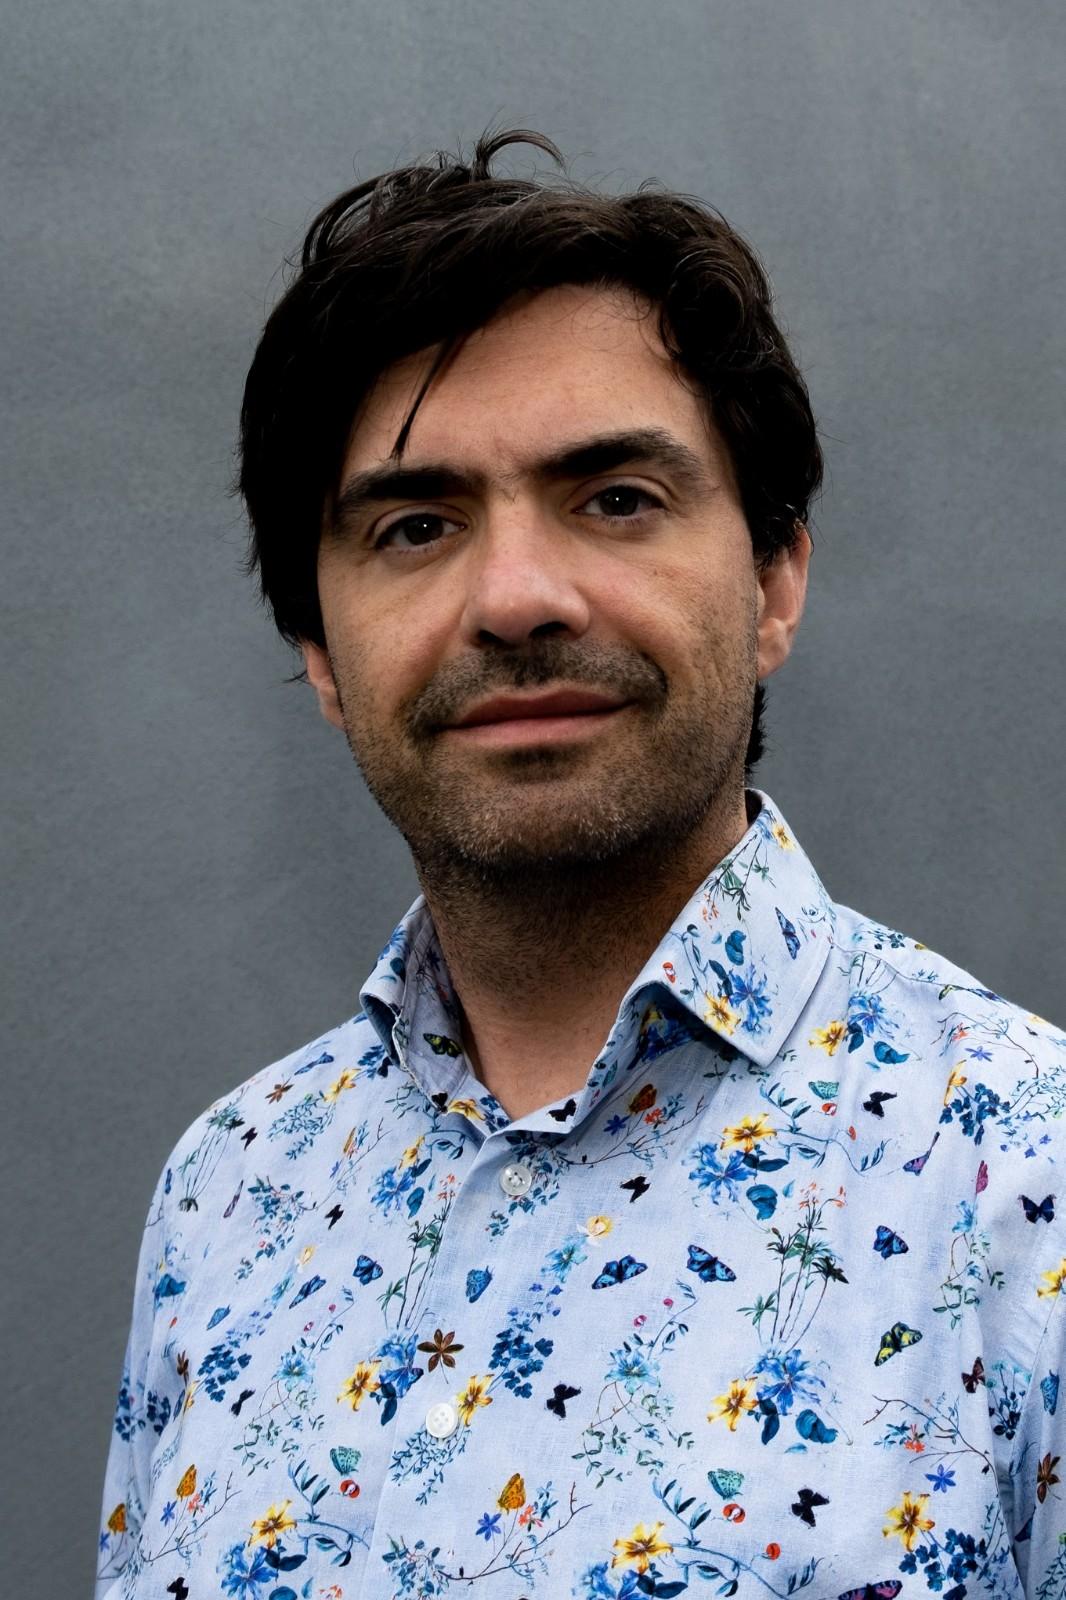 Tom Fleuriot - Reckitt Benckiser